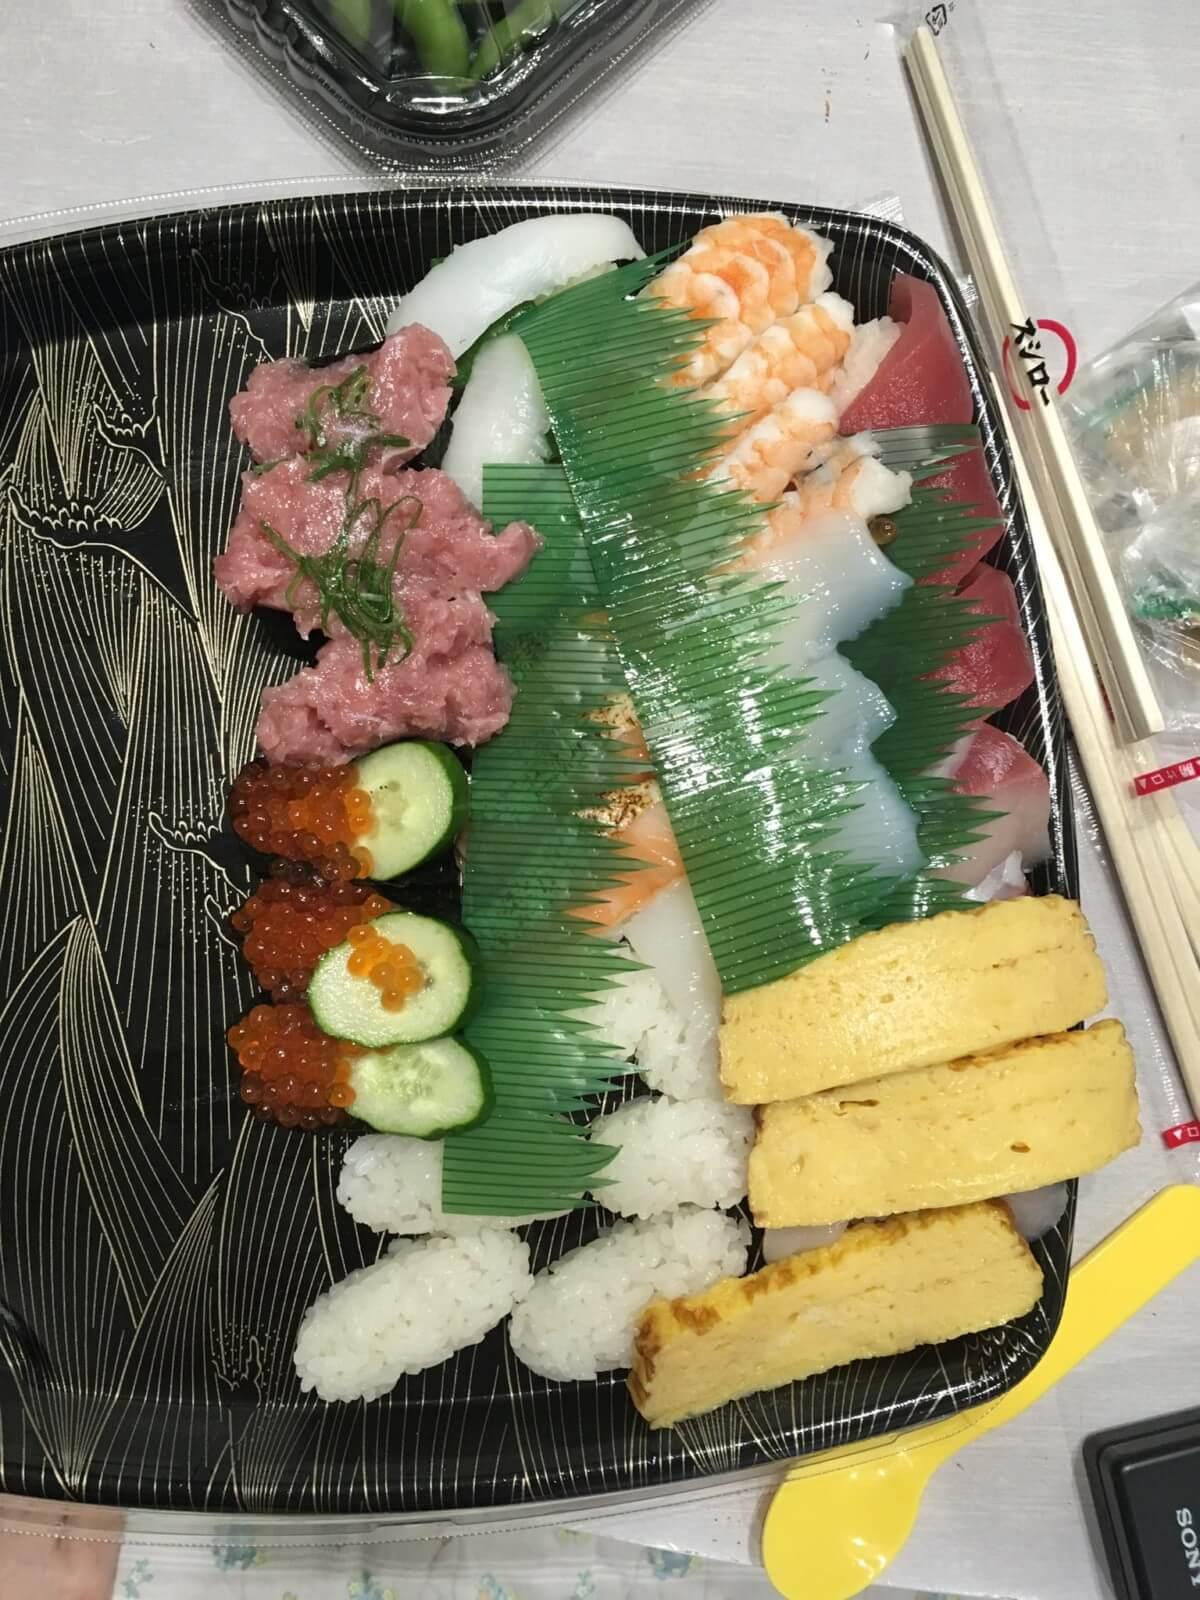 ウーバーイーツ配達されたお寿司がグチャグチャ